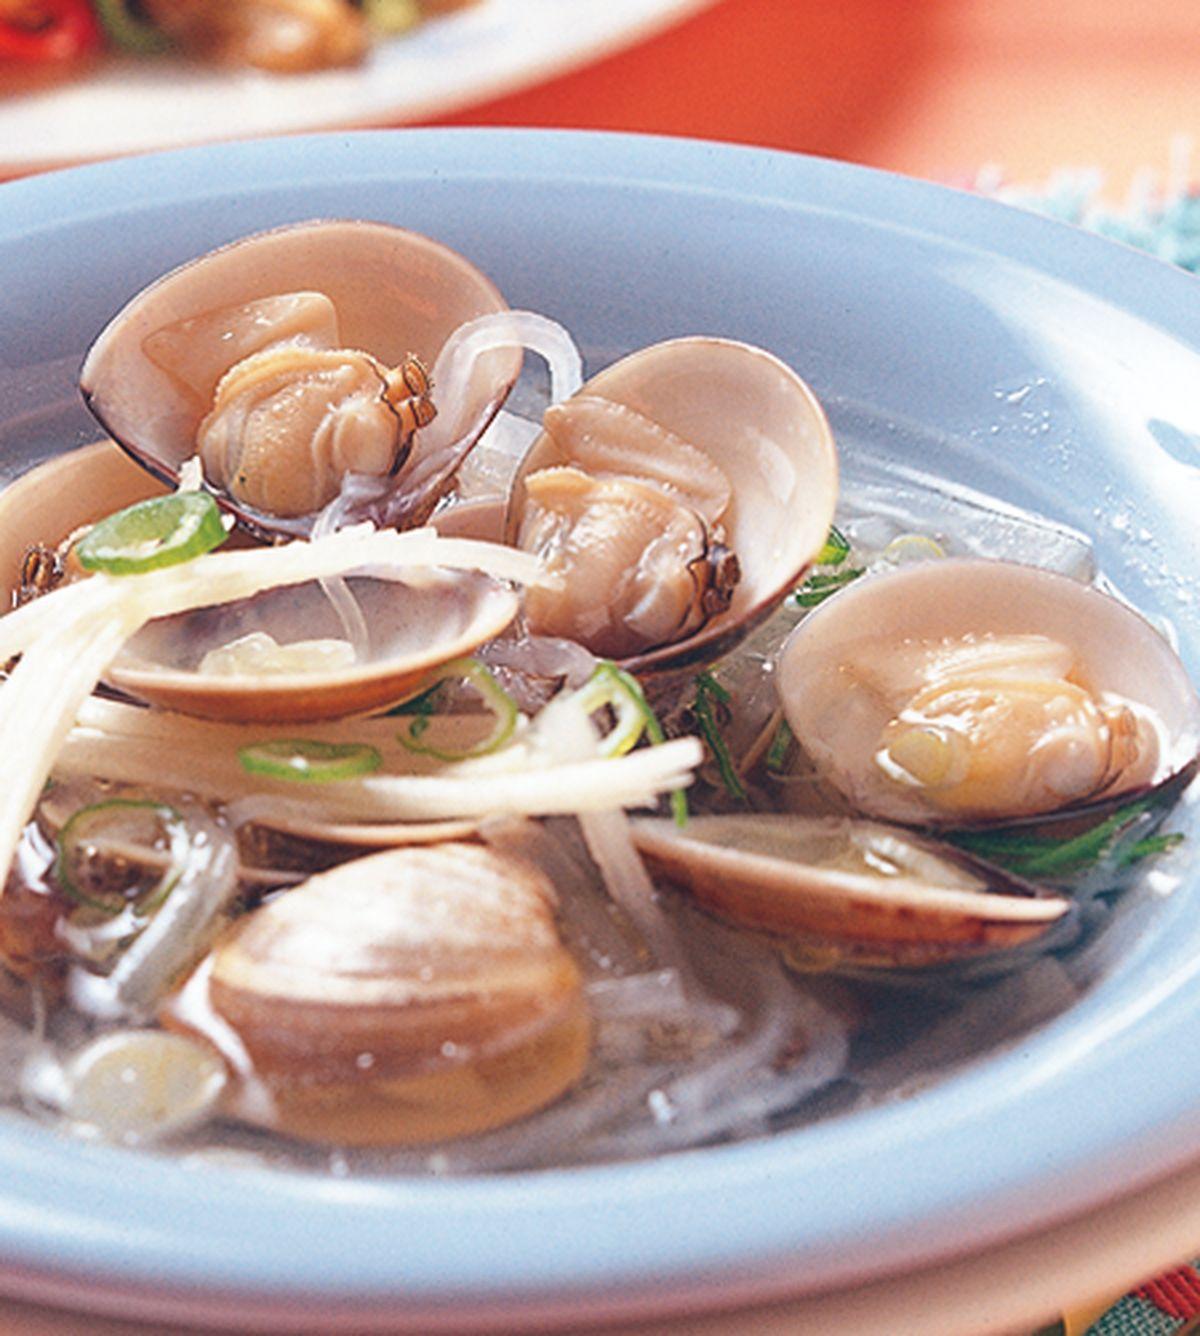 食譜:蘿蔔絲蛤蜊湯